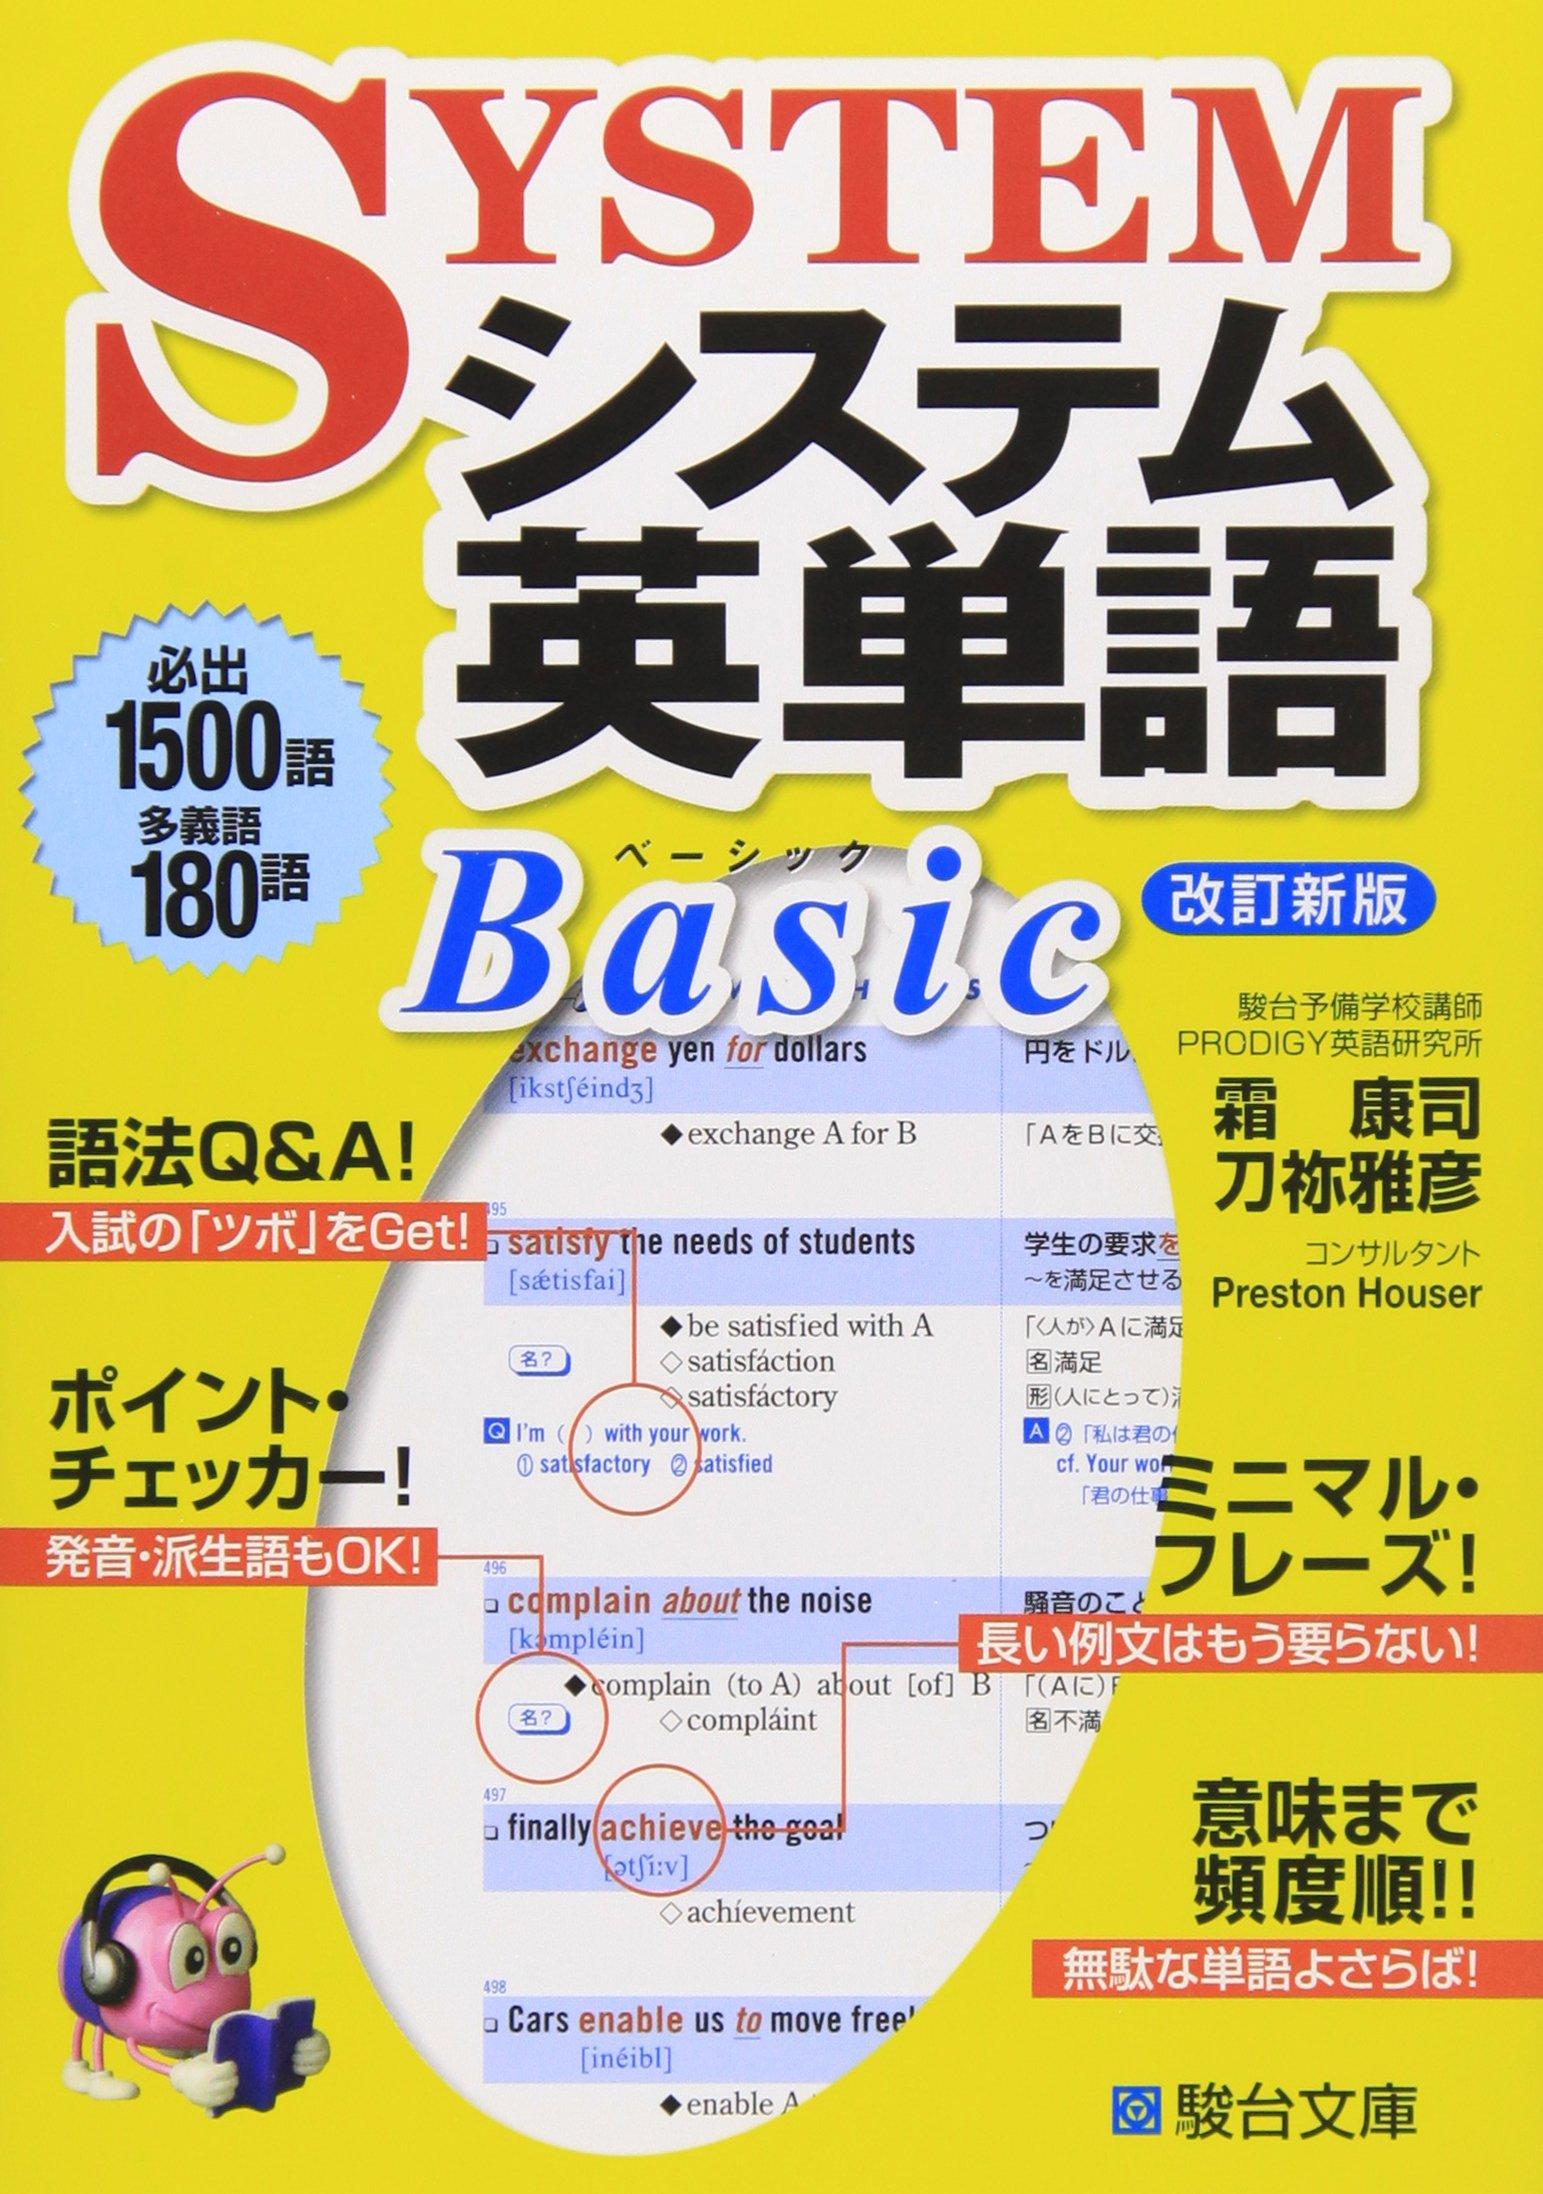 シス単Basic